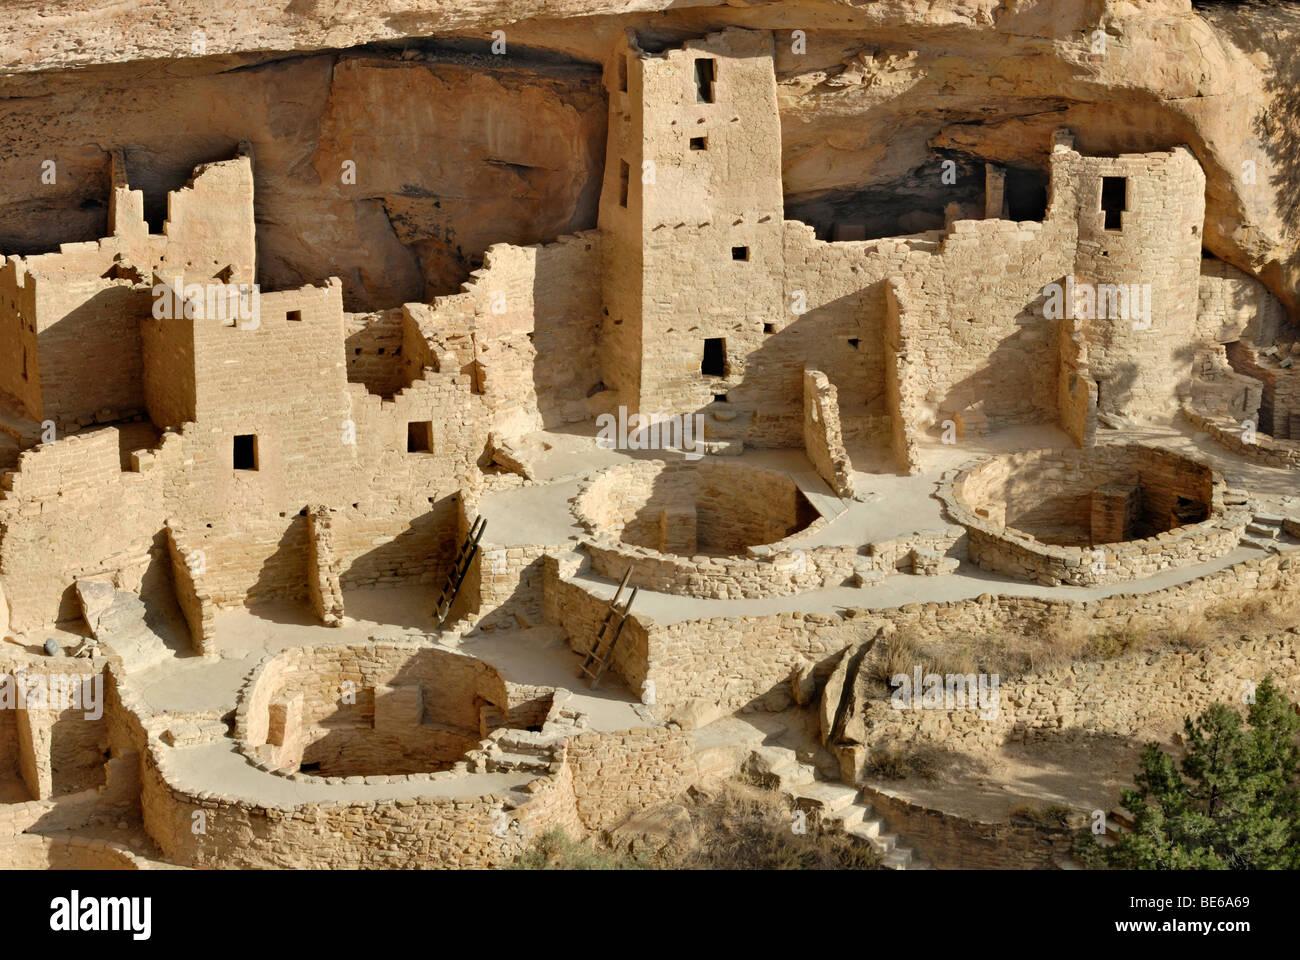 Dimora storica e sito di culto del Puebloans ancestrale, Cliff Palace, vista parziale con 3 round camere cerimoniali, Immagini Stock